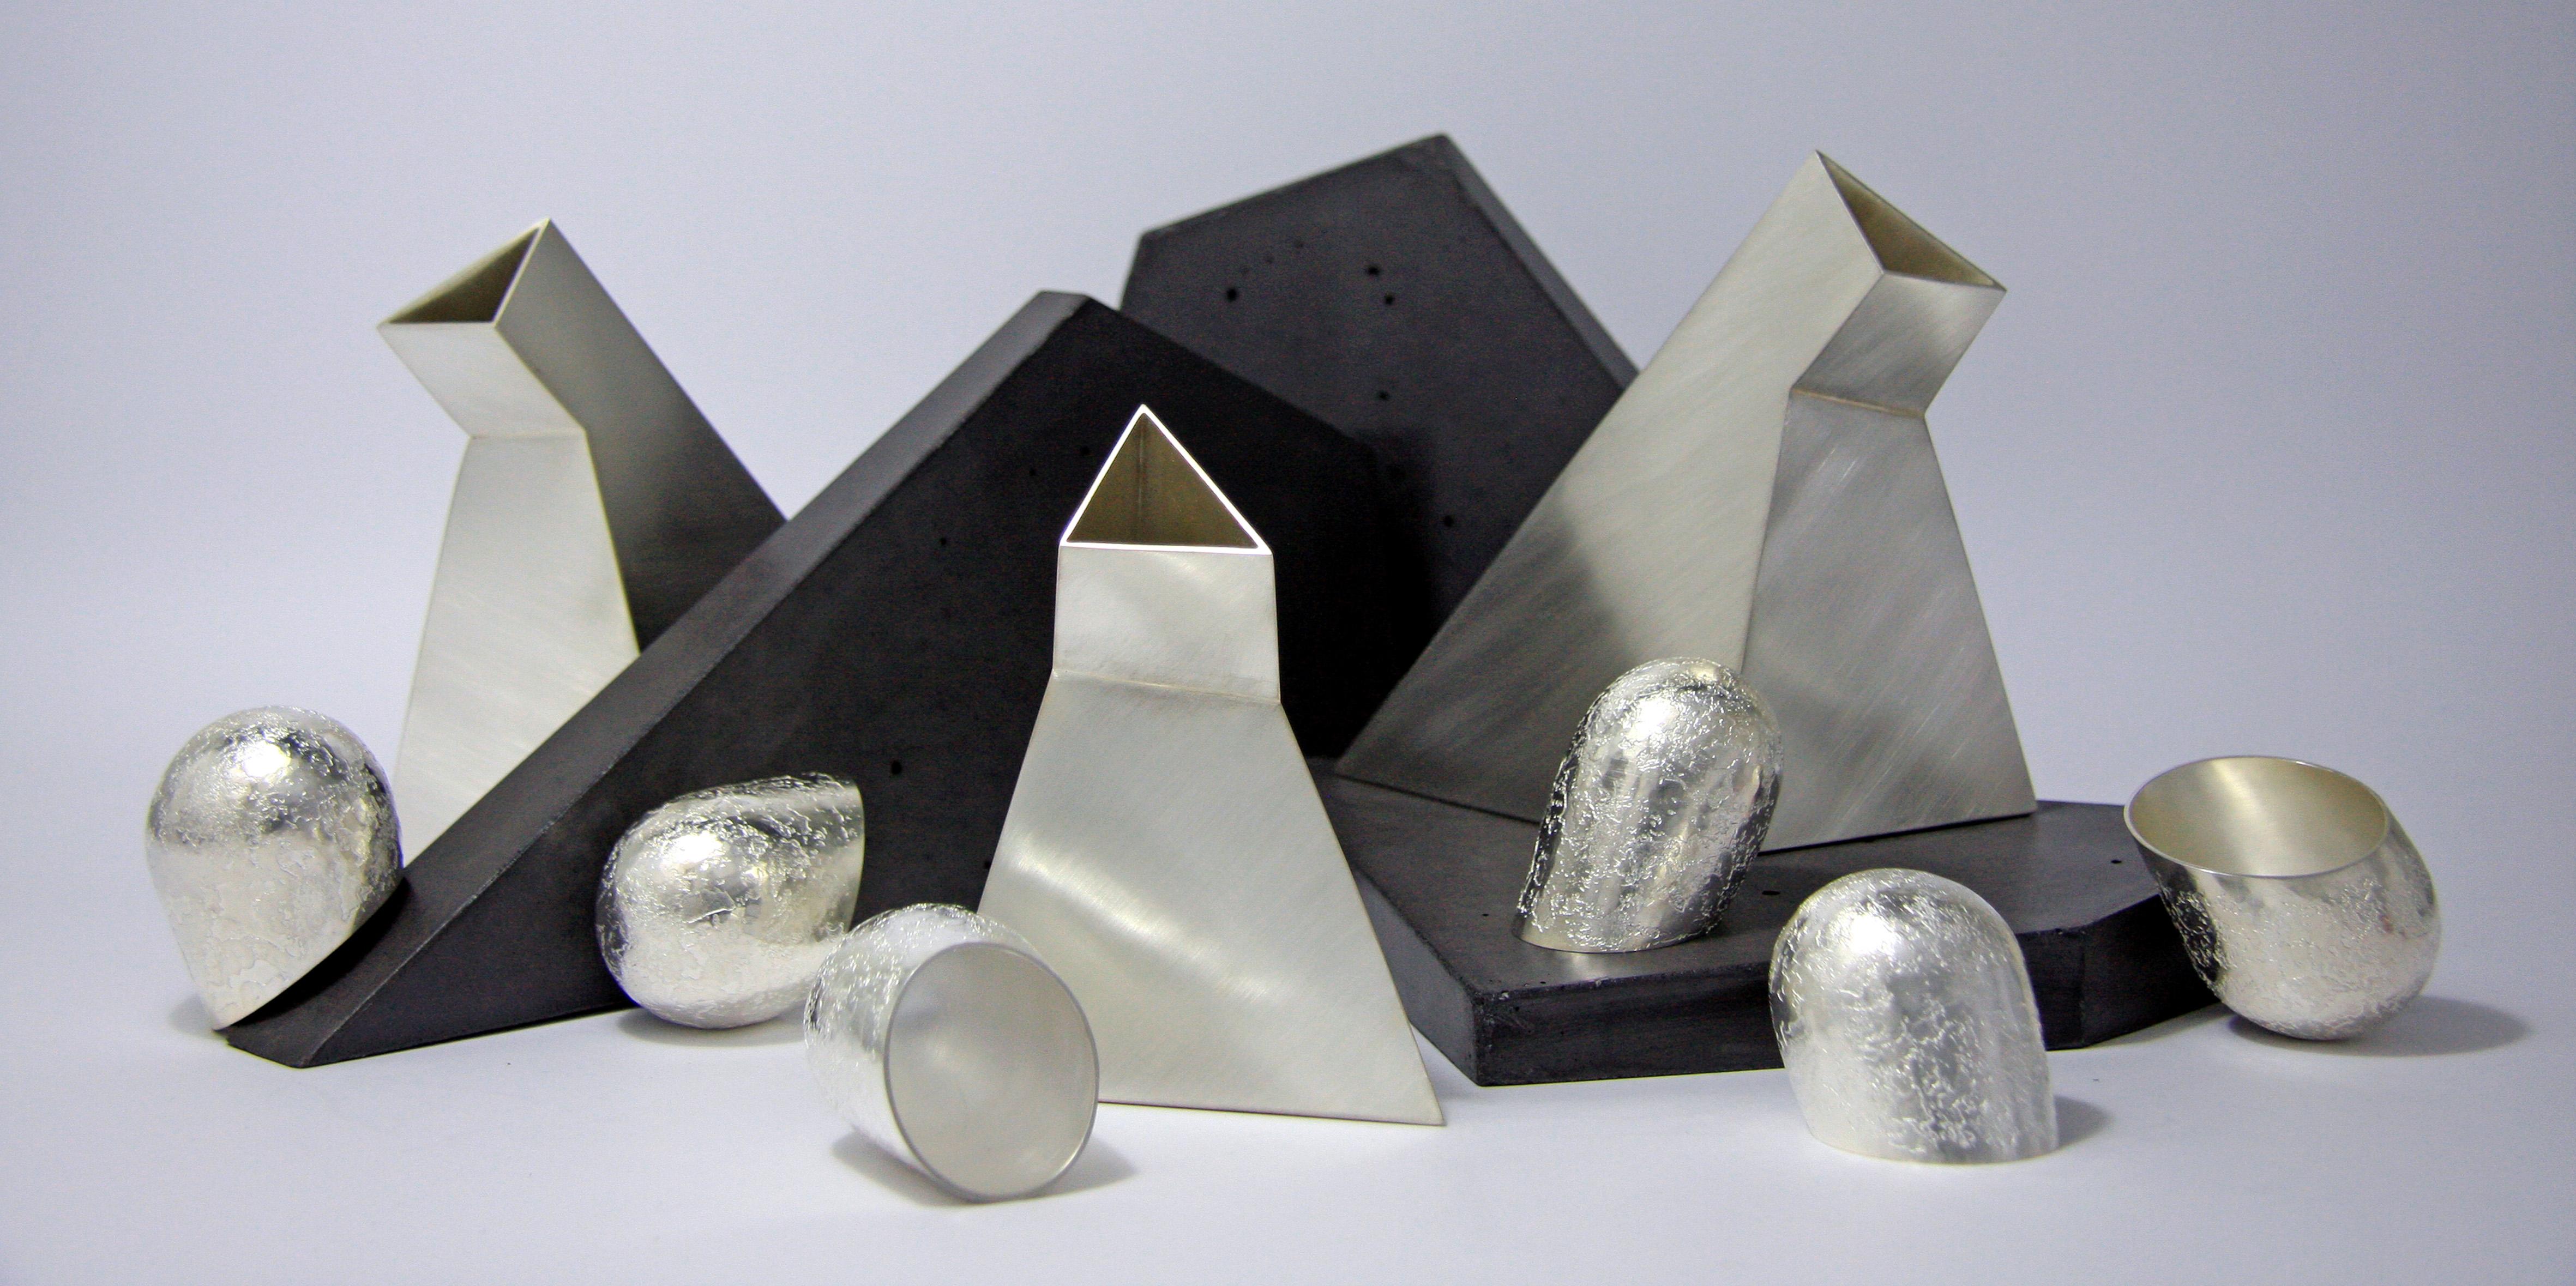 Sake Set Image 4